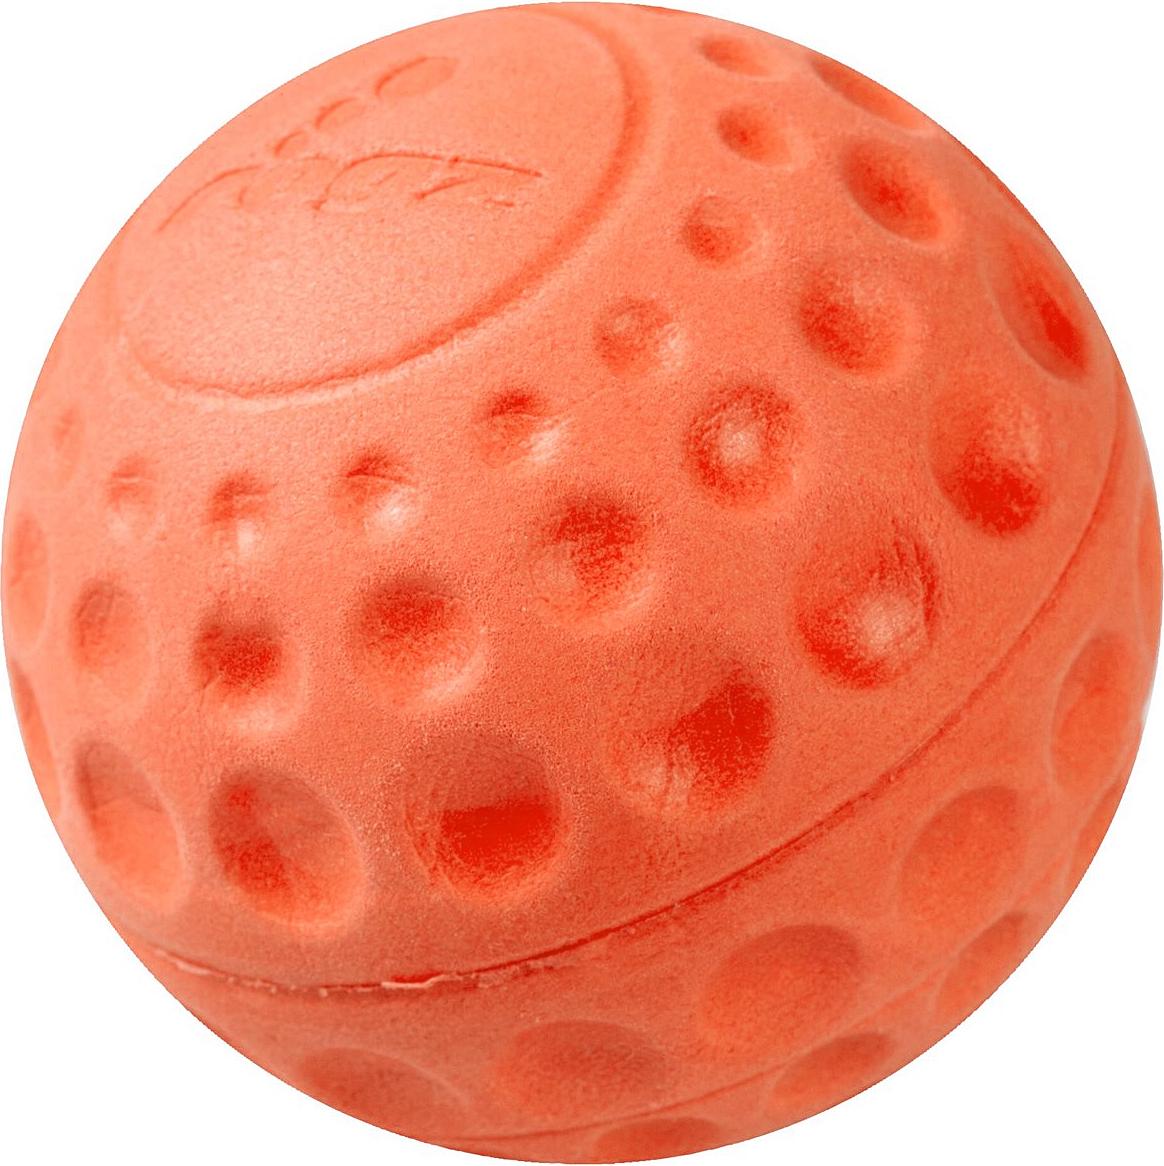 Игрушка для собак Rogz Asteroidz, цвет: оранжевый, диаметр 6,4 смGLG015Мяч для собак Rogz Asteroidz предназначен для игры с хозяином Принеси.Мяч имеет небольшой вес, не травмирует десны, не повреждает зубы, удобно носить в пасти.Отличная упругость для подпрыгивания.Изготовлено из особого термоэластопласта Sebs, обеспечивающего великолепную плавучесть в воде, поэтому игрушка отлично подходит для игры в водоеме. Материал изделия: EVA (этиленвинилацетат) - легкий мелкопористый материал, похожий на застывшую пену.Не токсичен.